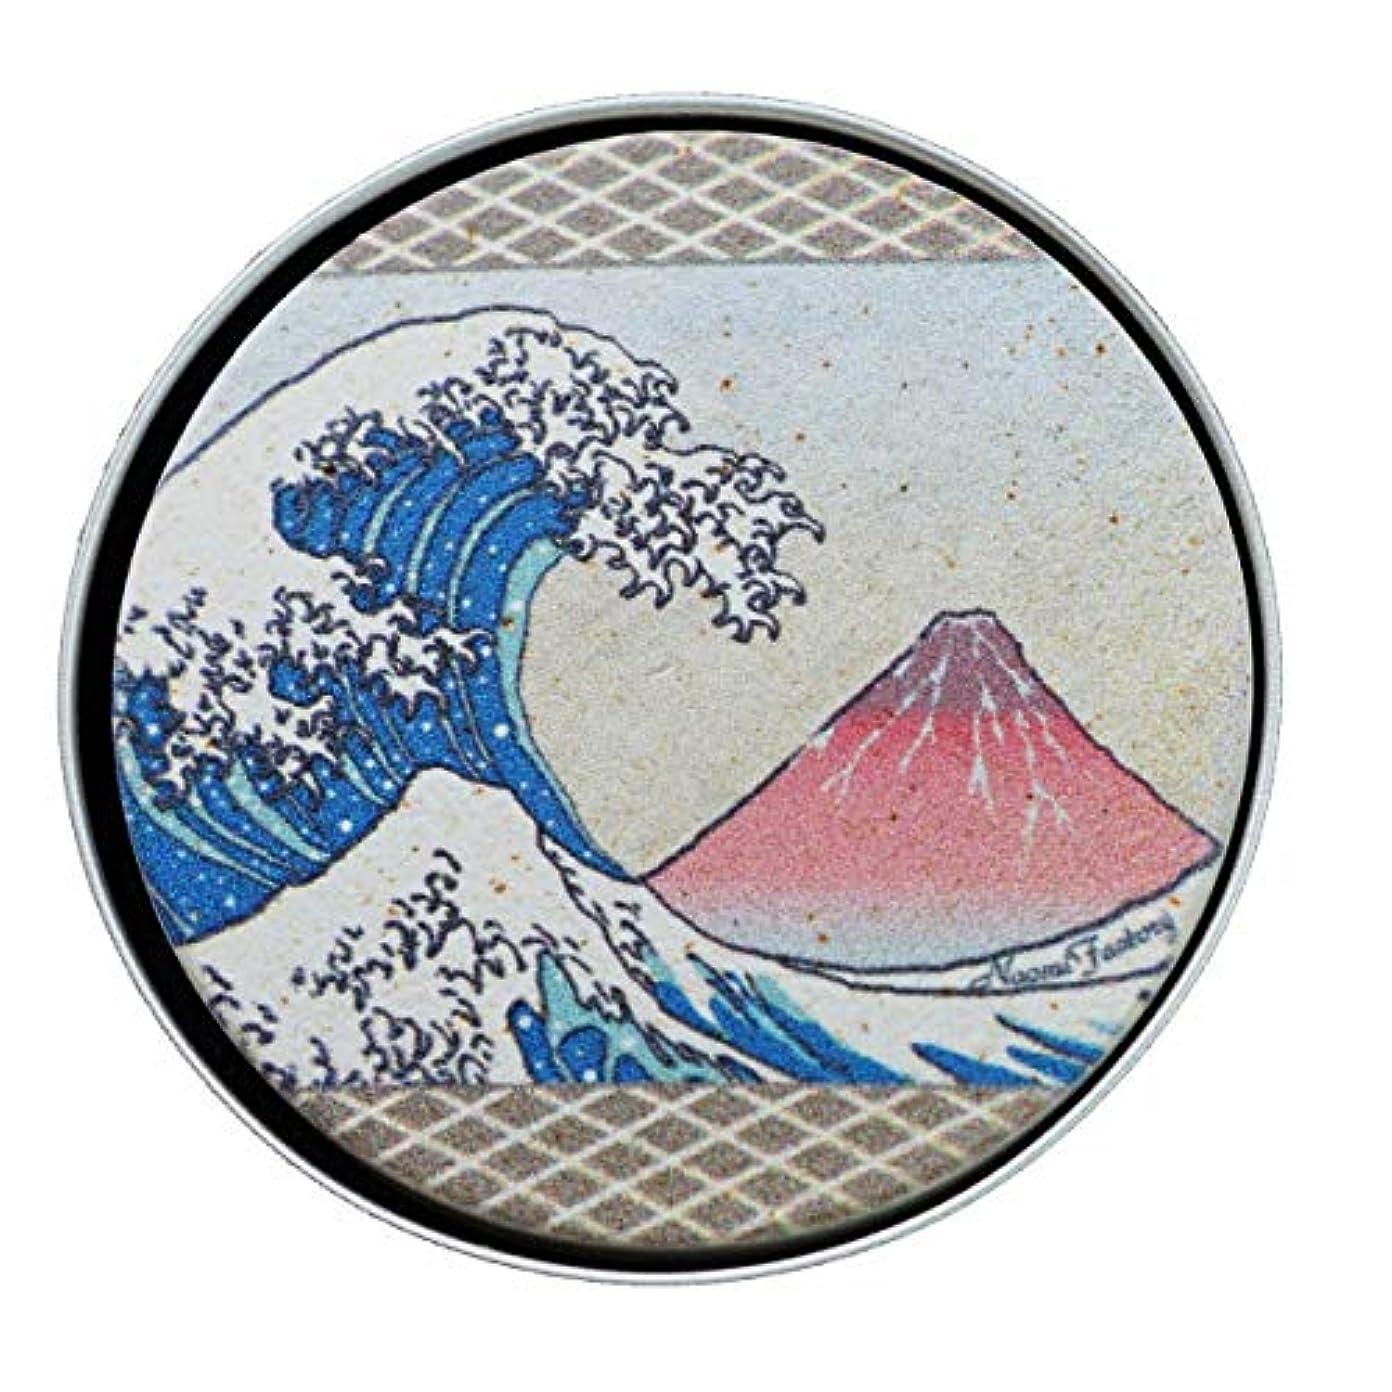 熱心評論家影響力のある【天使のアロマプレート】 浮世絵 浪と赤富士(珪藻土 吸収力抜群 持ち運べる 日本製)